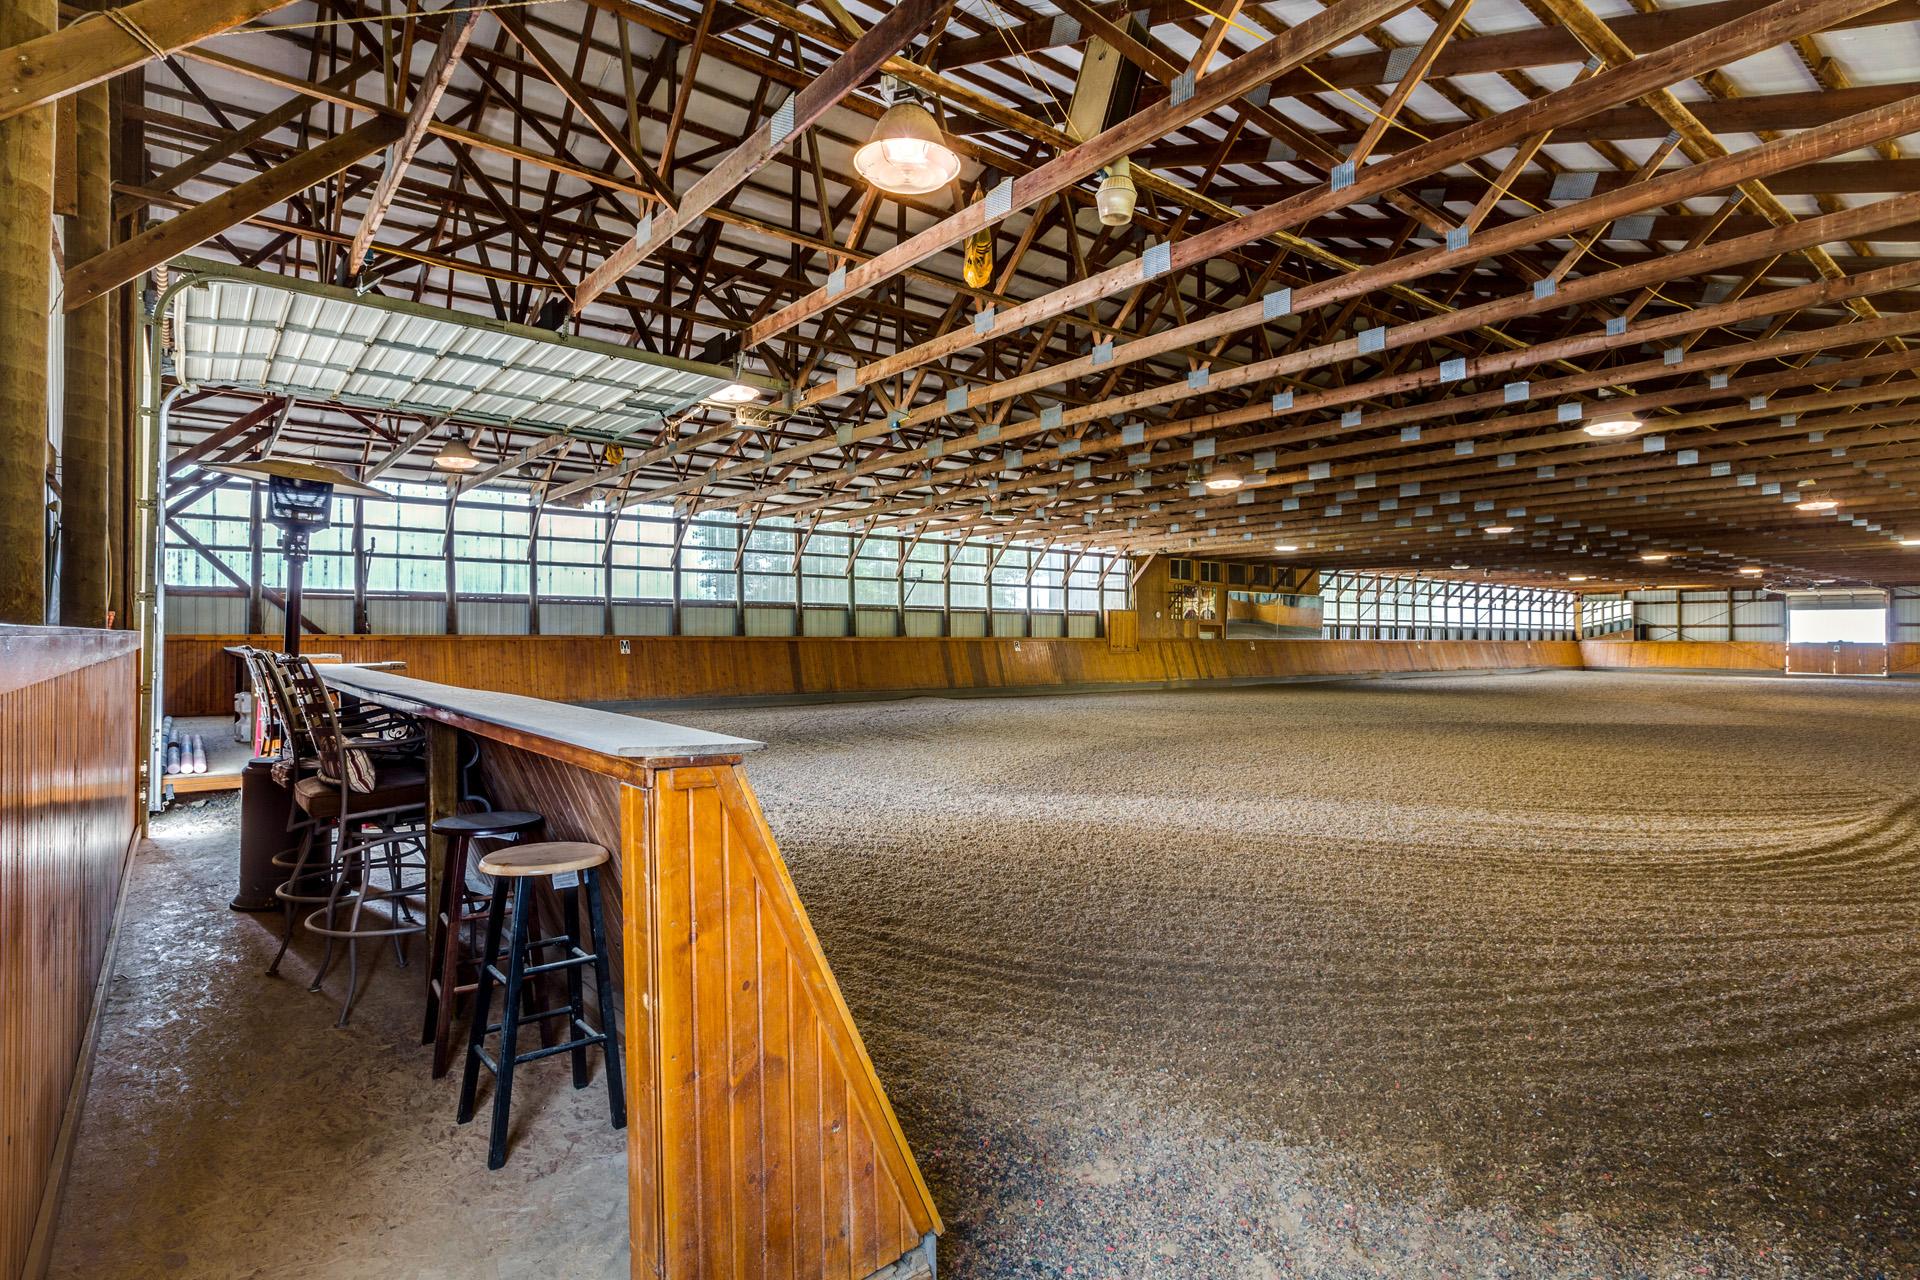 indoor arena seating.jpg